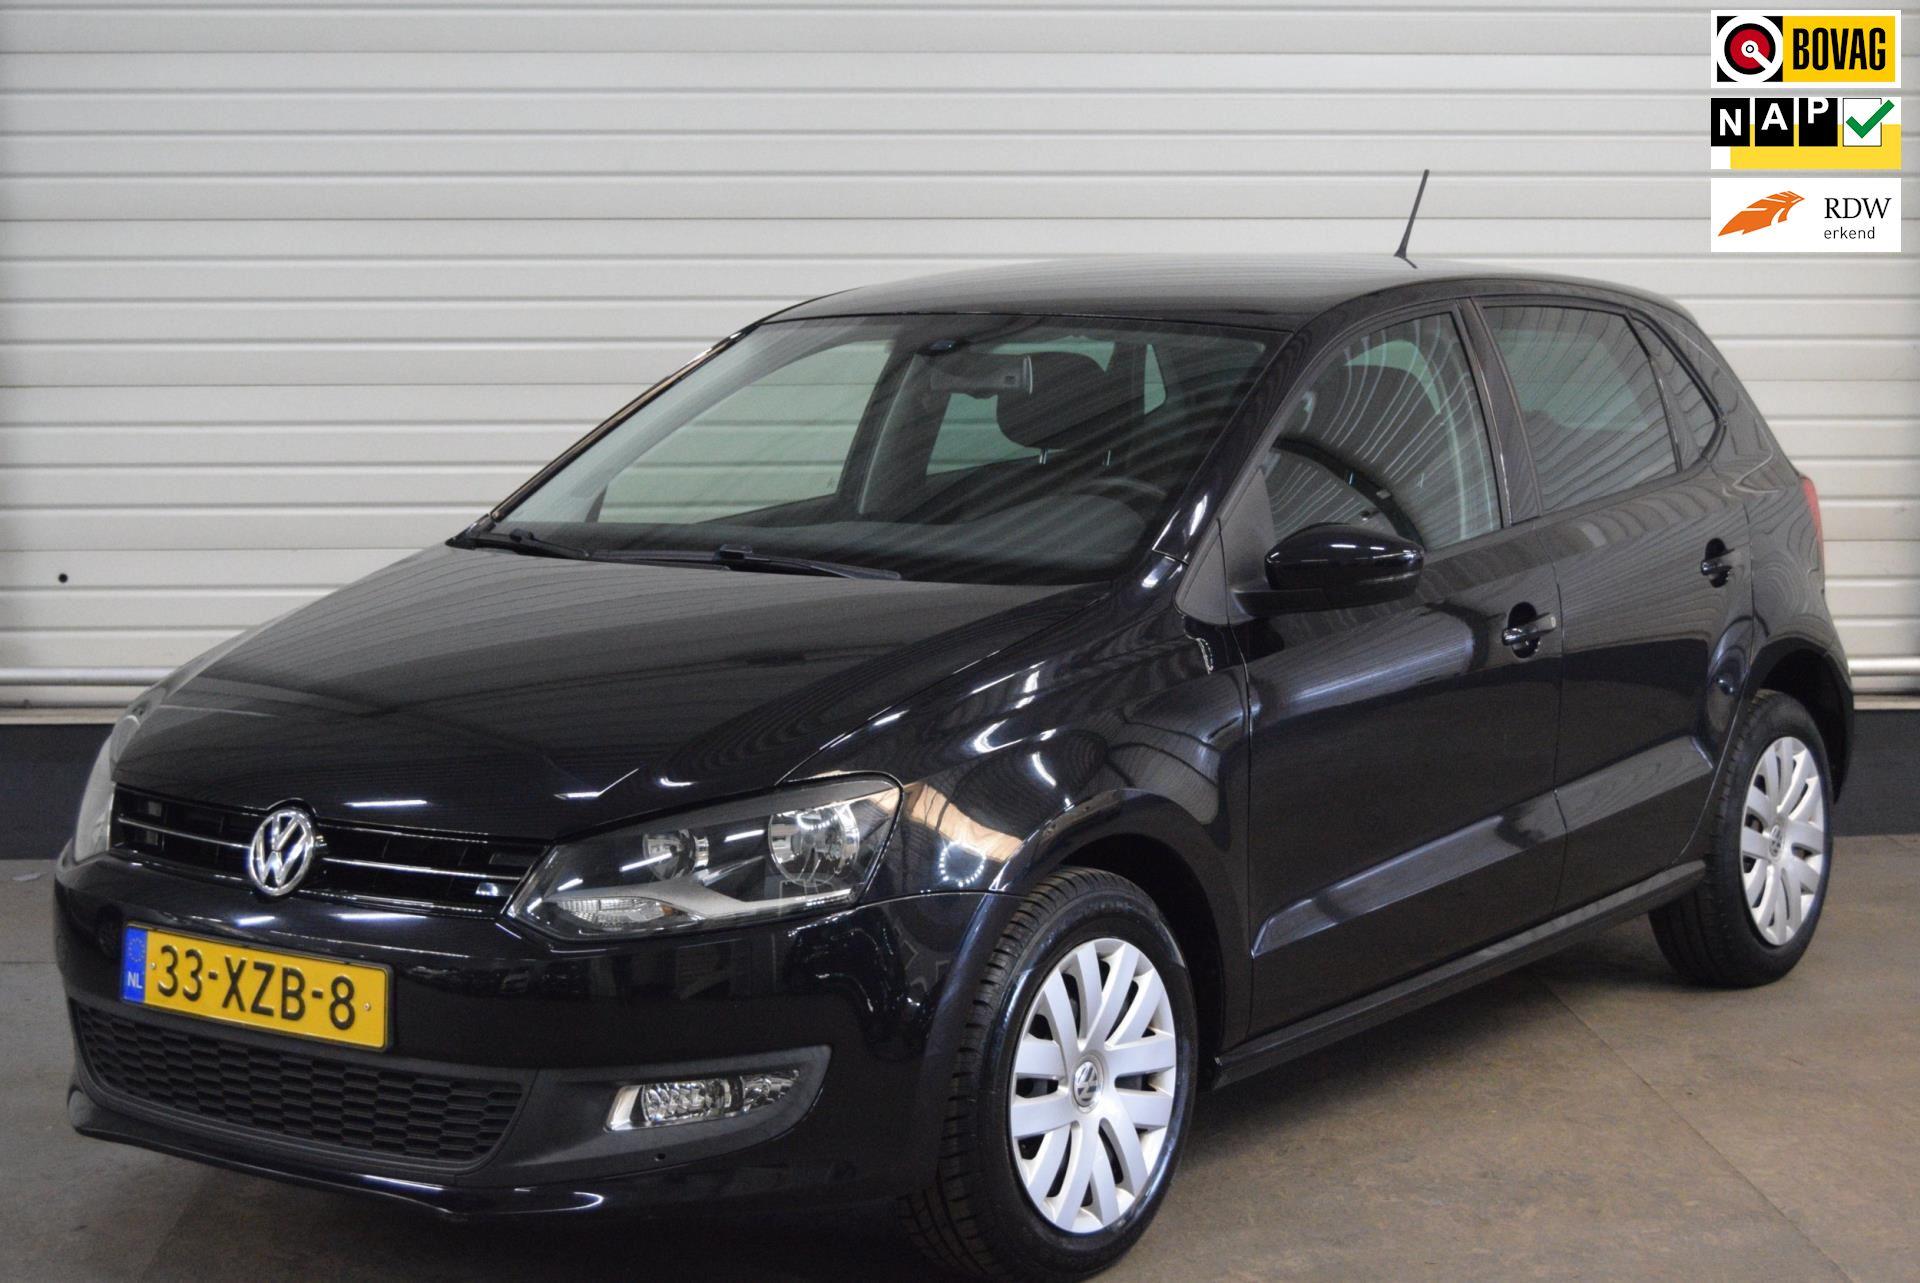 Volkswagen Polo occasion - Autobedrijf van de Werken bv